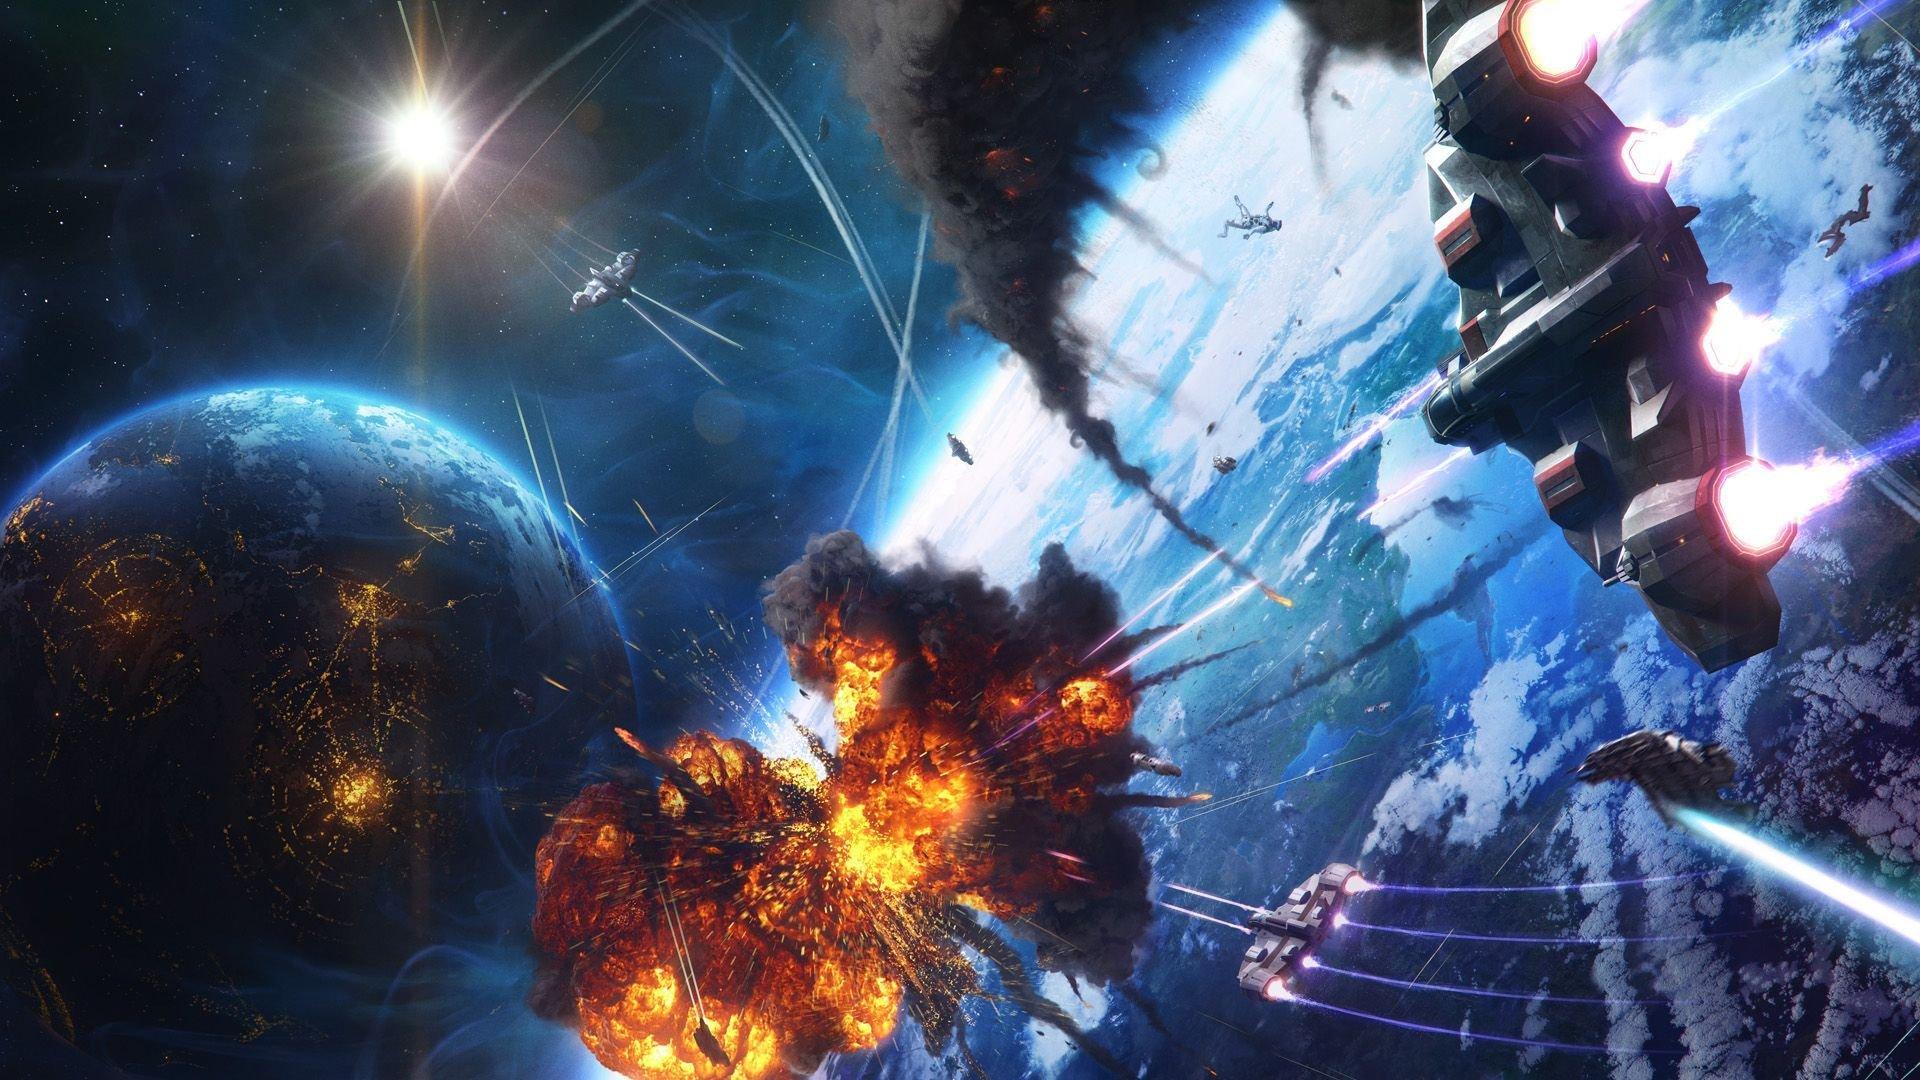 Space Battle Wallpaper - WallpaperSafari